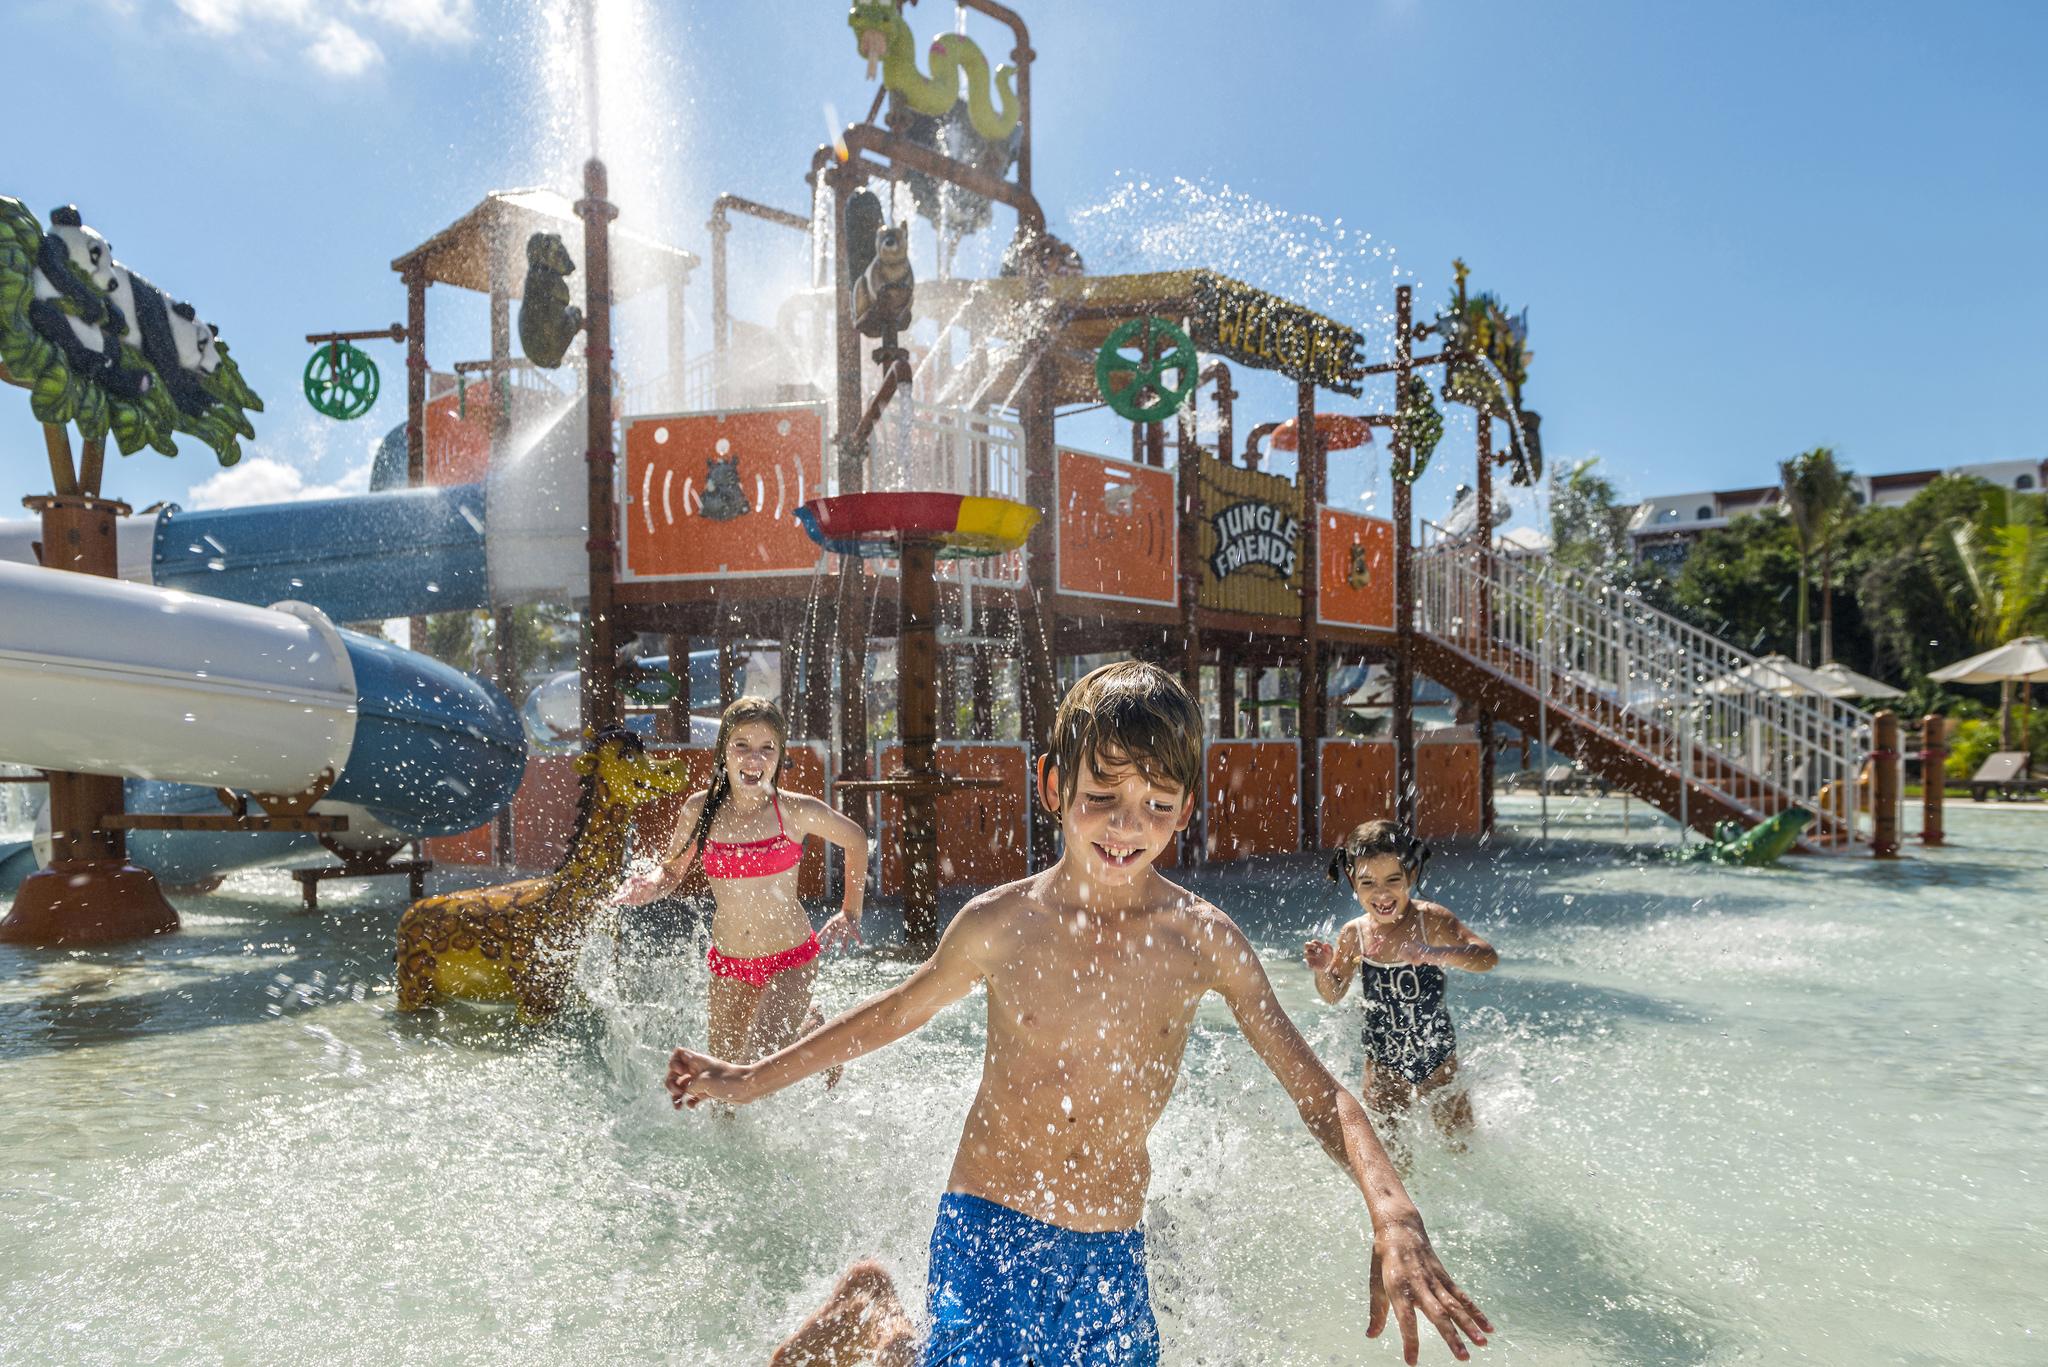 Savia proyectos parque acuático infantil cascada tobogán slpash pool niños jugando Hotel Ocean Rivera Paradise